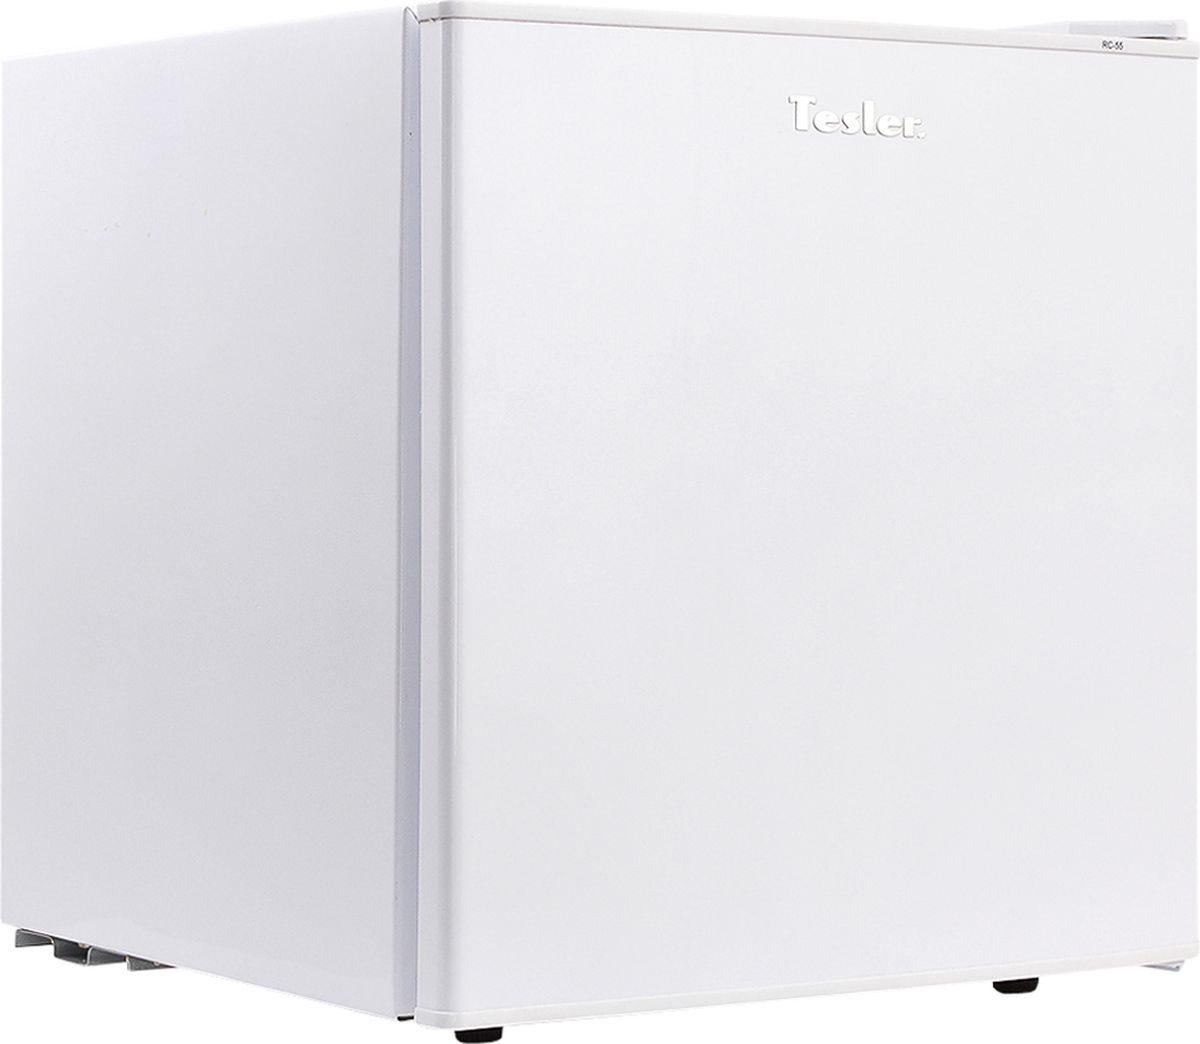 Tesler RC-55, White ХолодильникRC-55 WHITEКомпактный однокамерный холодильник Tesler RC-55 прекрасно подойдет для маленьких кухонь или офисов и дач. Этот минихолодильник очень прост в управлении, а также экономичен в энергопотреблении.В этом отдельно стоящем холодильнике для комфорта использования имеется подсветка, также в холодильном отсеке для скоропортящихся продуктов питания в правом верхнем углу располагается маленькая морозильная камера, а в двери располагаются два отсека для сохранения продуктов. Внутри холодильника прочная полка, изготовленная из металла.Размораживание холодильника производится вручную. Холодильник практичен, с большими преимуществами, неприхотлив в уборке, выглядит отлично и впишется в любой интерьер. Данную модель холодильника можно приобрести за вполне демократичную цену.